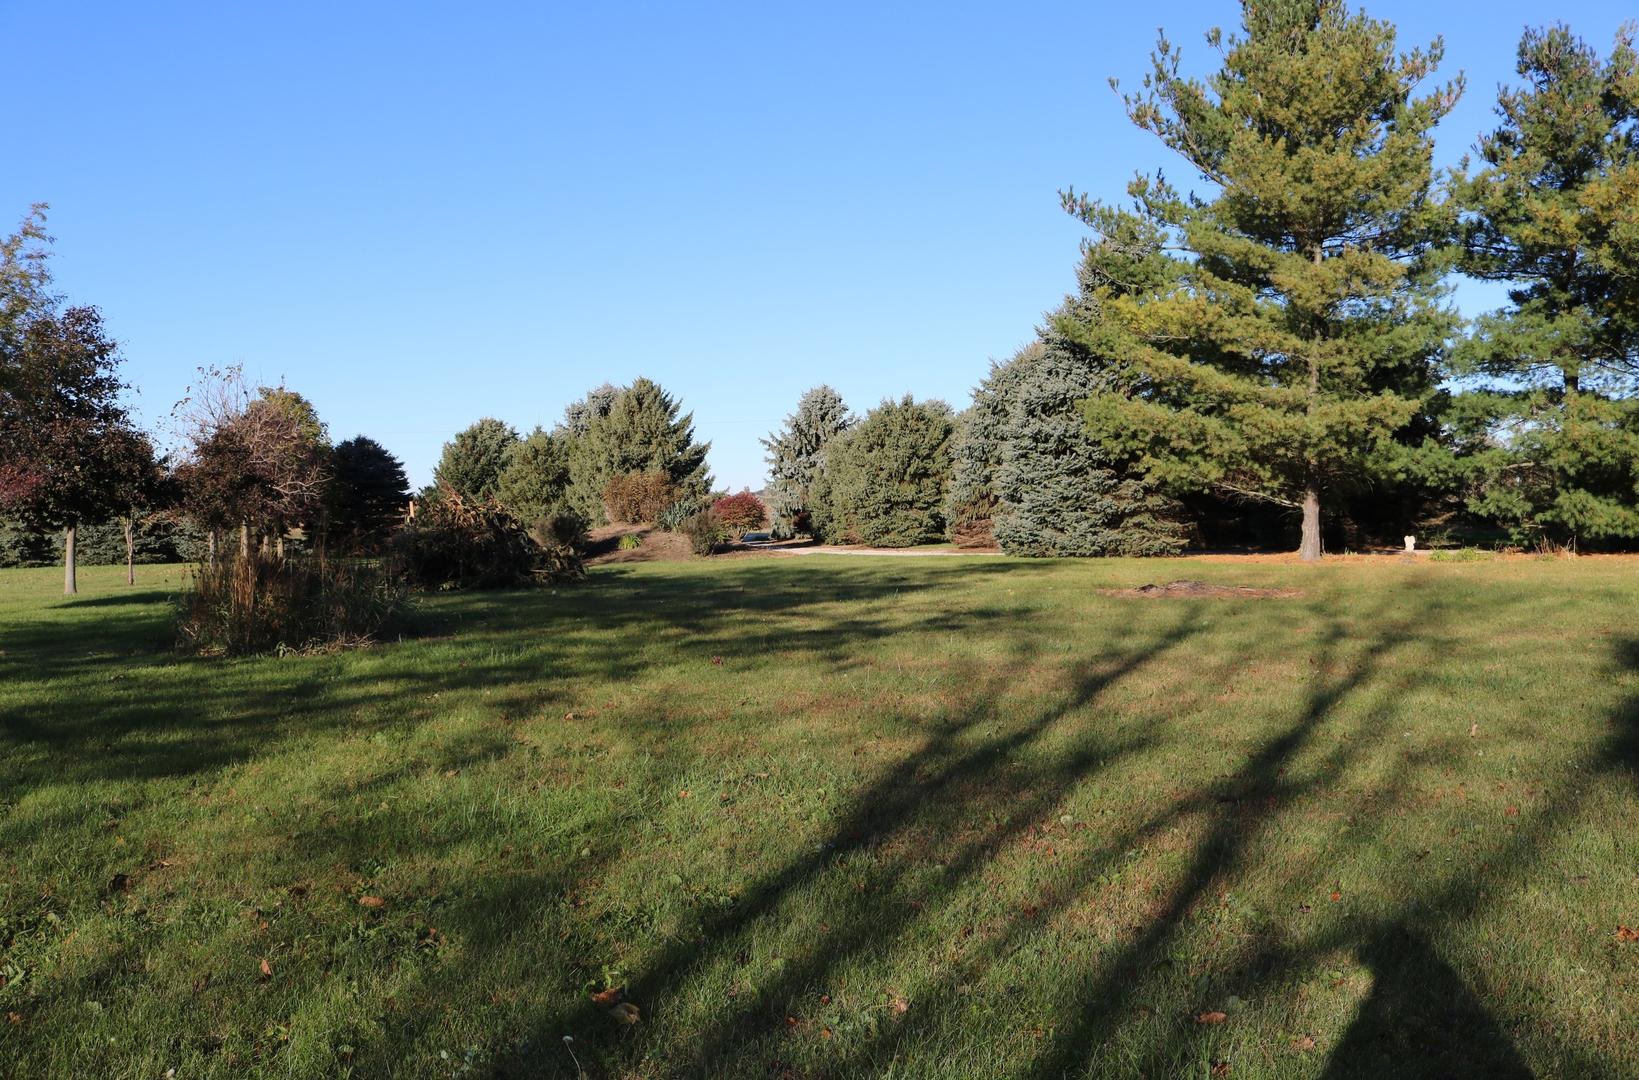 12232 Grove, MINOOKA, Illinois, 60447